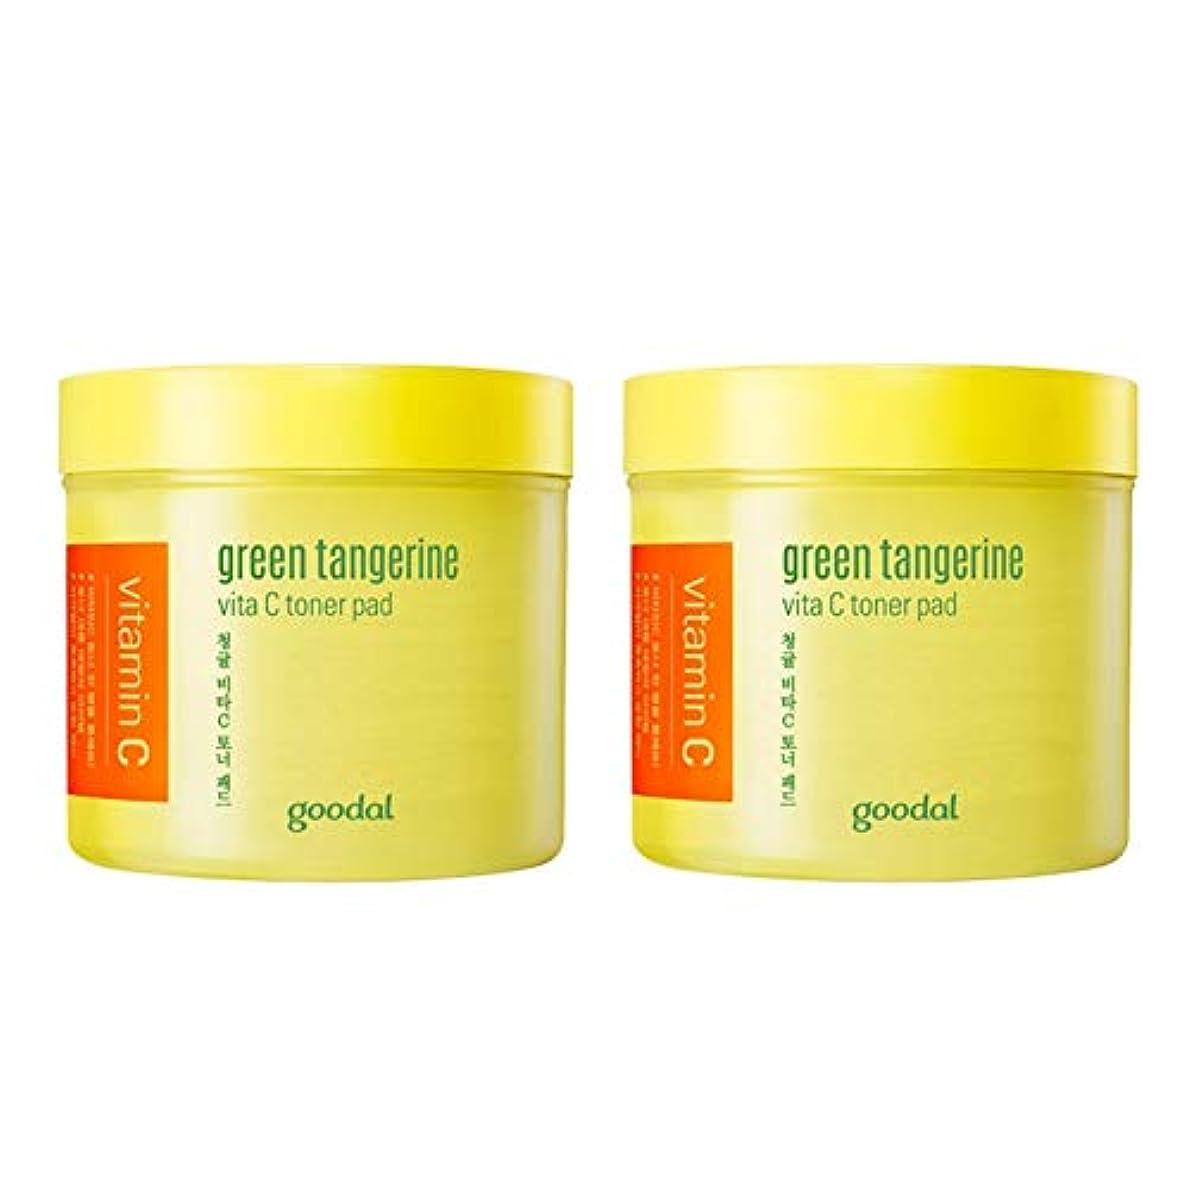 エミュレートする熟した志すグドール青みかんヴィータCトナーパッド70px2本セット質除去、水分供給 韓国コスメ 、Goodal Green Tangerine Vita C Toner Pad 70p x 2ea Set Korean Cosmetics...